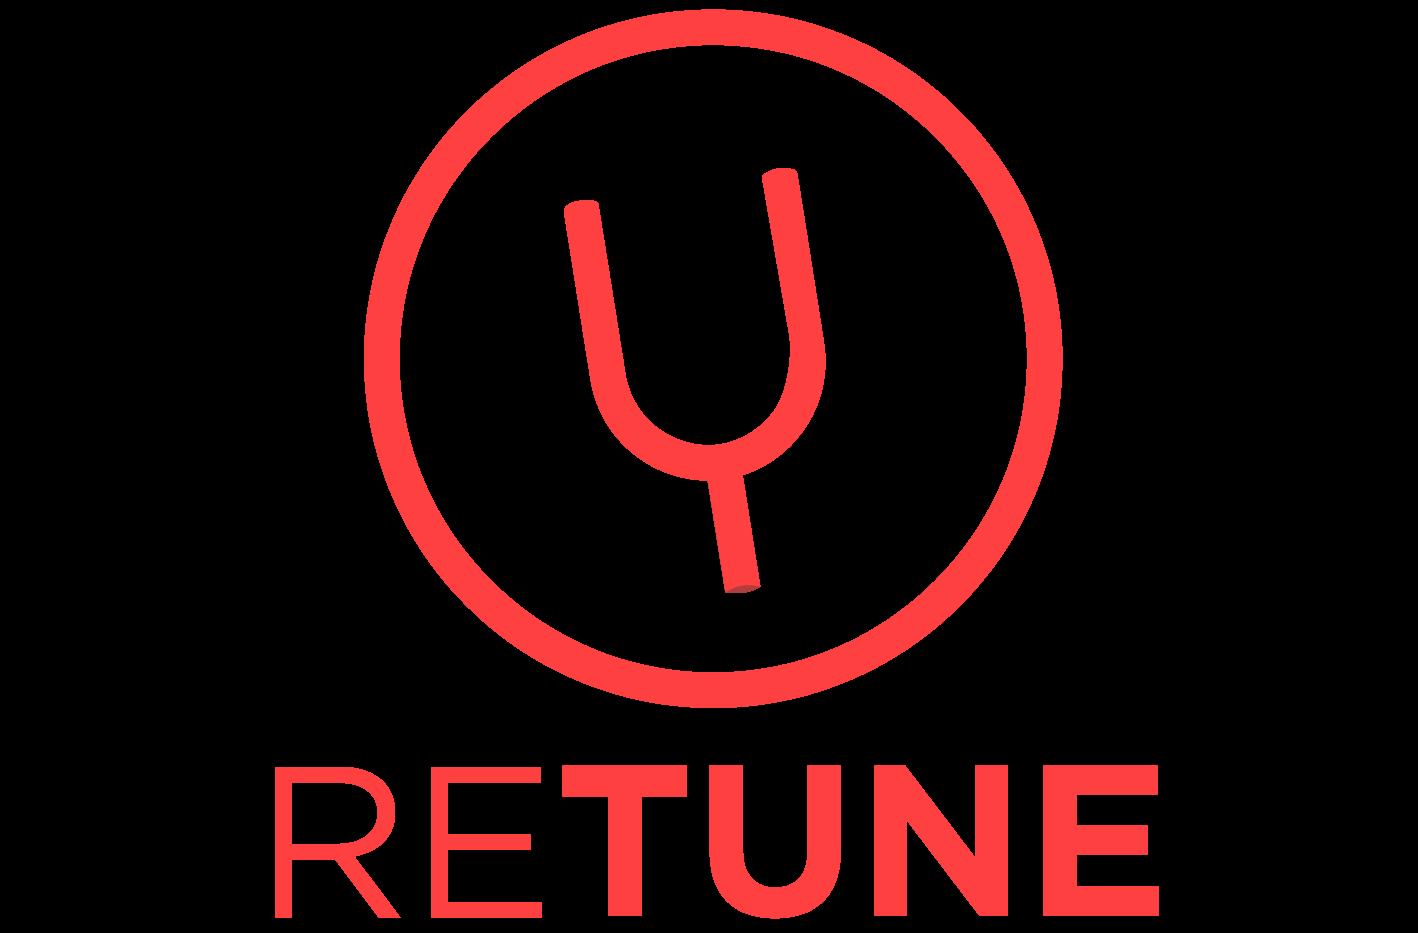 Retune_Logo_Inverted_Transparent.png